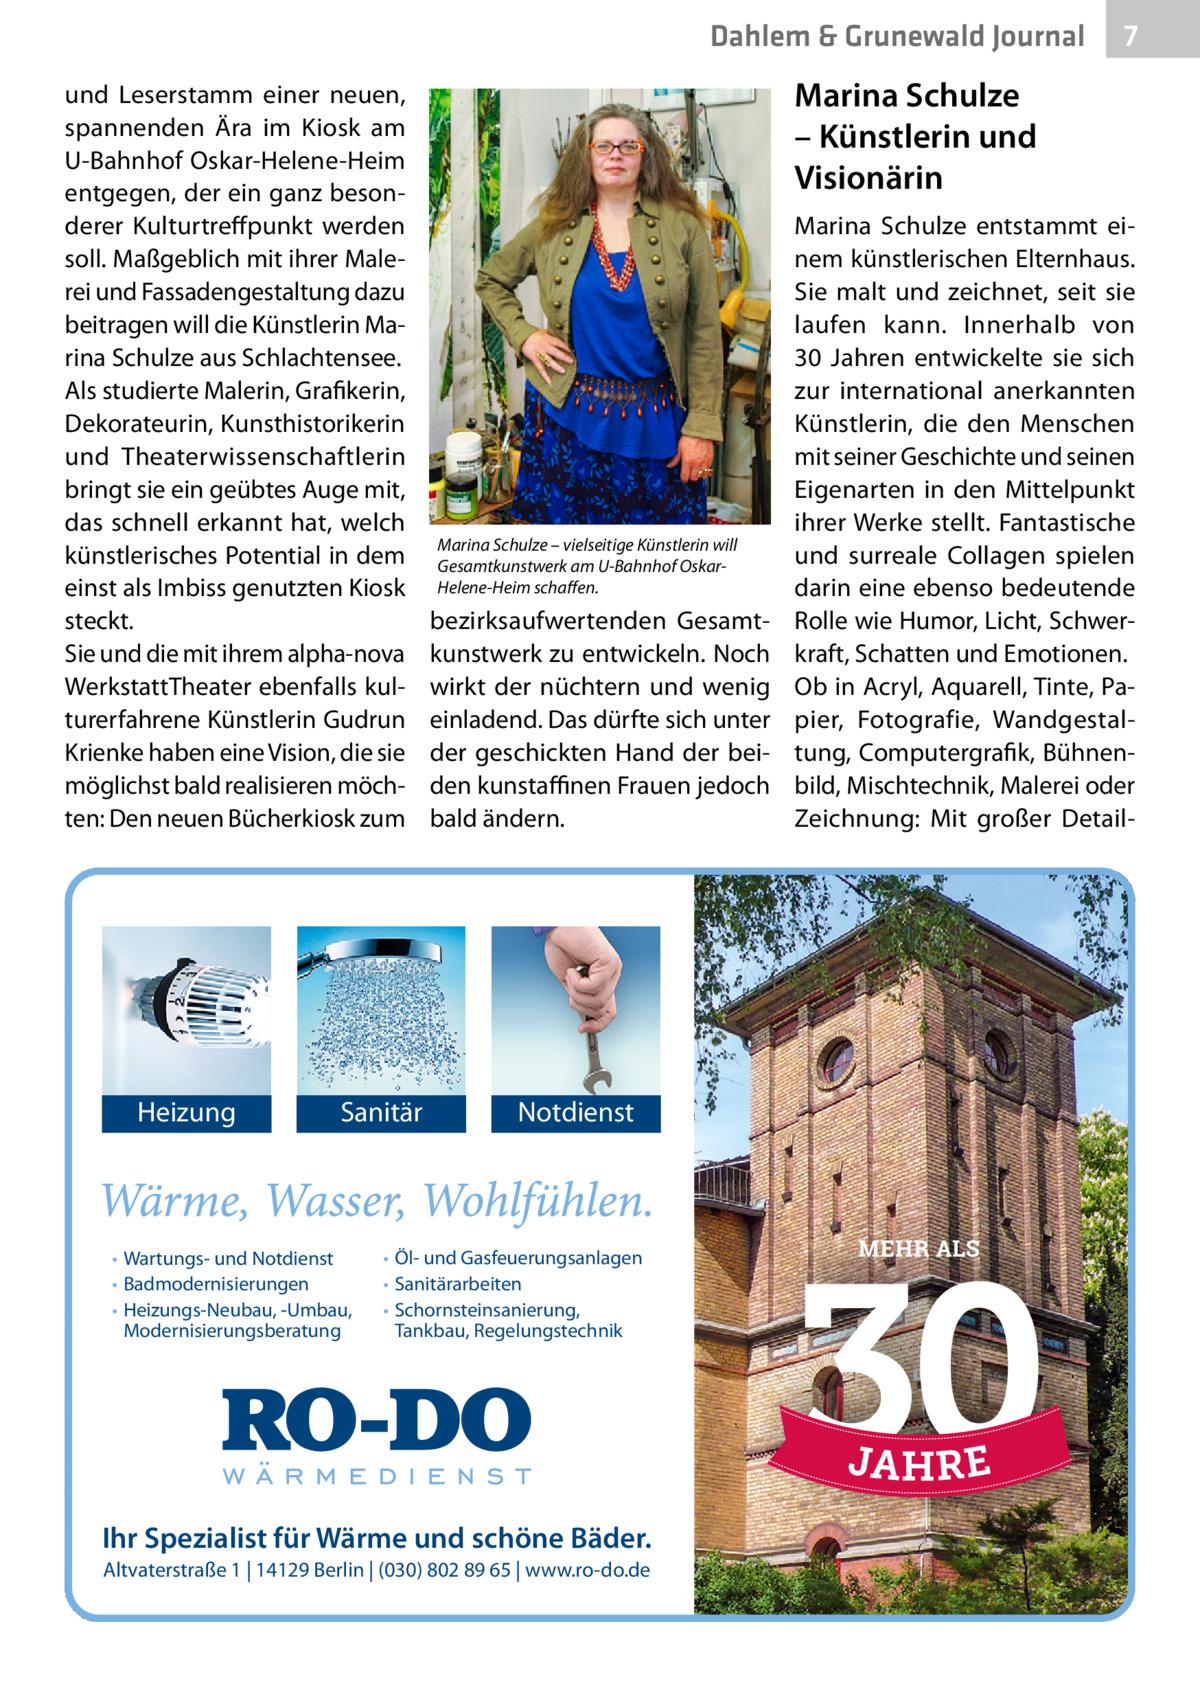 Dahlem & Grunewald Journal und Leserstamm einer neuen, spannenden Ära im Kiosk am U-Bahnhof Oskar-Helene-Heim entgegen, der ein ganz besonderer Kulturtreffpunkt werden soll. Maßgeblich mit ihrer Malerei und Fassadengestaltung dazu beitragen will die Künstlerin Marina Schulze aus Schlachtensee. Als studierte Malerin, Grafikerin, Dekorateurin, Kunsthistorikerin und Theaterwissenschaftlerin bringt sie ein geübtes Auge mit, das schnell erkannt hat, welch künstlerisches Potential in dem einst als Imbiss genutzten Kiosk steckt. Sie und die mit ihrem alpha-nova WerkstattTheater ebenfalls kulturerfahrene Künstlerin Gudrun Krienke haben eine Vision, die sie möglichst bald realisieren möchten: Den neuen Bücherkiosk zum  Heizung  Sanitär  • Wartungs- und Notdienst • Badmodernisierungen • Heizungs-Neubau, -Umbau, Modernisierungsberatung  7 7  Marina Schulze – Künstlerinund Visionärin  Marina Schulze – vielseitige Künstlerin will Gesamtkunstwerk am U-Bahnhof OskarHelene-Heim schaffen.  bezirksaufwertenden Gesamtkunstwerk zu entwickeln. Noch wirkt der nüchtern und wenig einladend. Das dürfte sich unter der geschickten Hand der beiden kunstaffinen Frauen jedoch bald ändern.  Marina Schulze entstammt einem künstlerischen Elternhaus. Sie malt und zeichnet, seit sie laufen kann. Innerhalb von 30 Jahren entwickelte sie sich zur international anerkannten Künstlerin, die den Menschen mit seiner Geschichte und seinen Eigenarten in den Mittelpunkt ihrer Werke stellt. Fantastische und surreale Collagen spielen darin eine ebenso bedeutende Rolle wie Humor, Licht, Schwerkraft, Schatten und Emotionen. Ob in Acryl, Aquarell, Tinte, Papier, Fotografie, Wandgestaltung, Computergrafik, Bühnenbild, Mischtechnik, Malerei oder Zeichnung: Mit großer Detail Notdienst  • Öl- und Gasfeuerungsanlagen • Sanitärarbeiten • Schornsteinsanierung, Tankbau, Regelungstechnik  Ihr Spezialist für Wärme und schöne Bäder. Altvaterstraße 1   14129 Berlin   (030) 802 89 65   www.ro-do.de  MEHR ALS